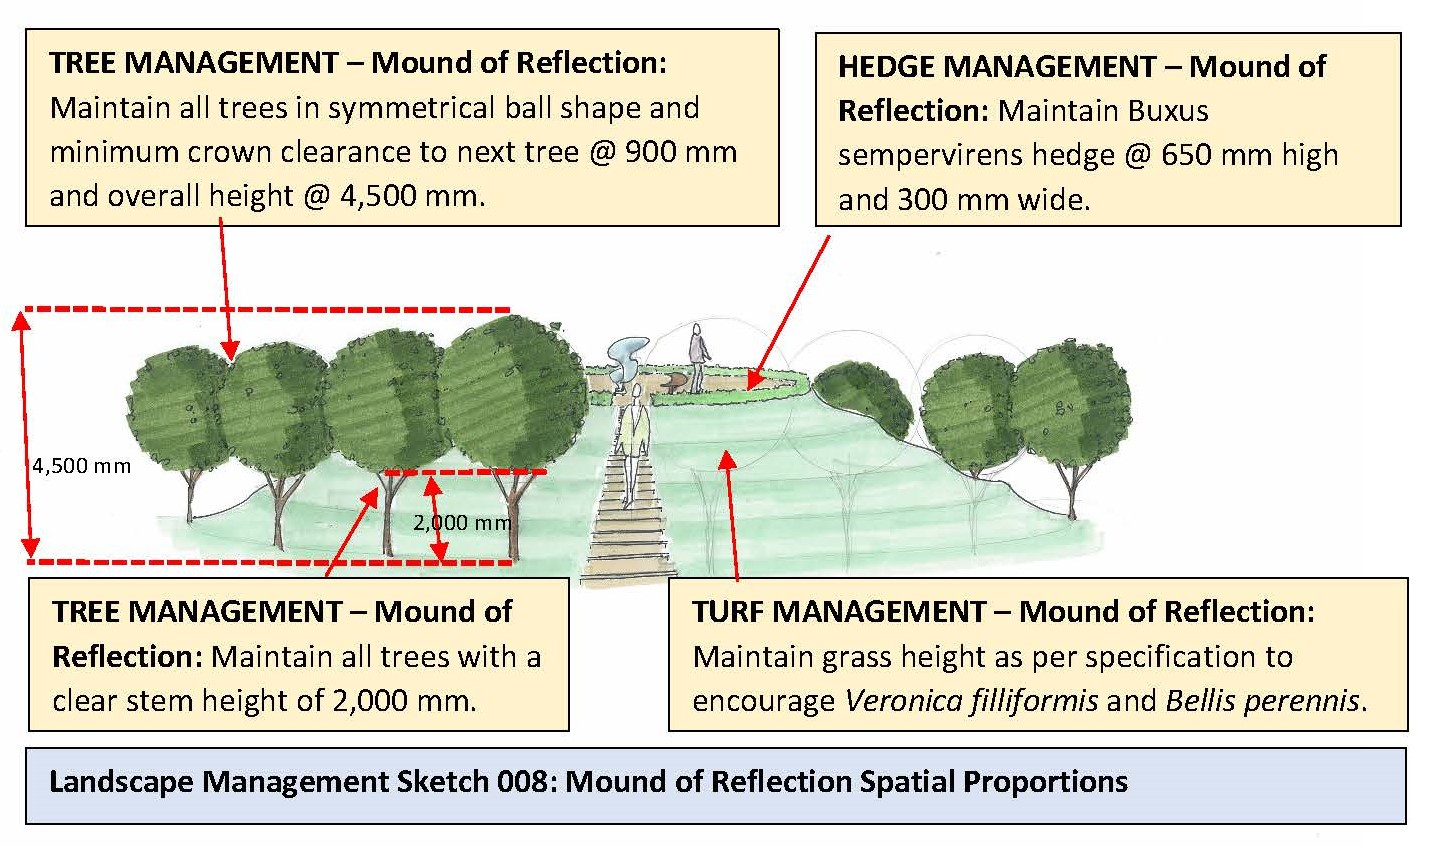 Landscape Managment